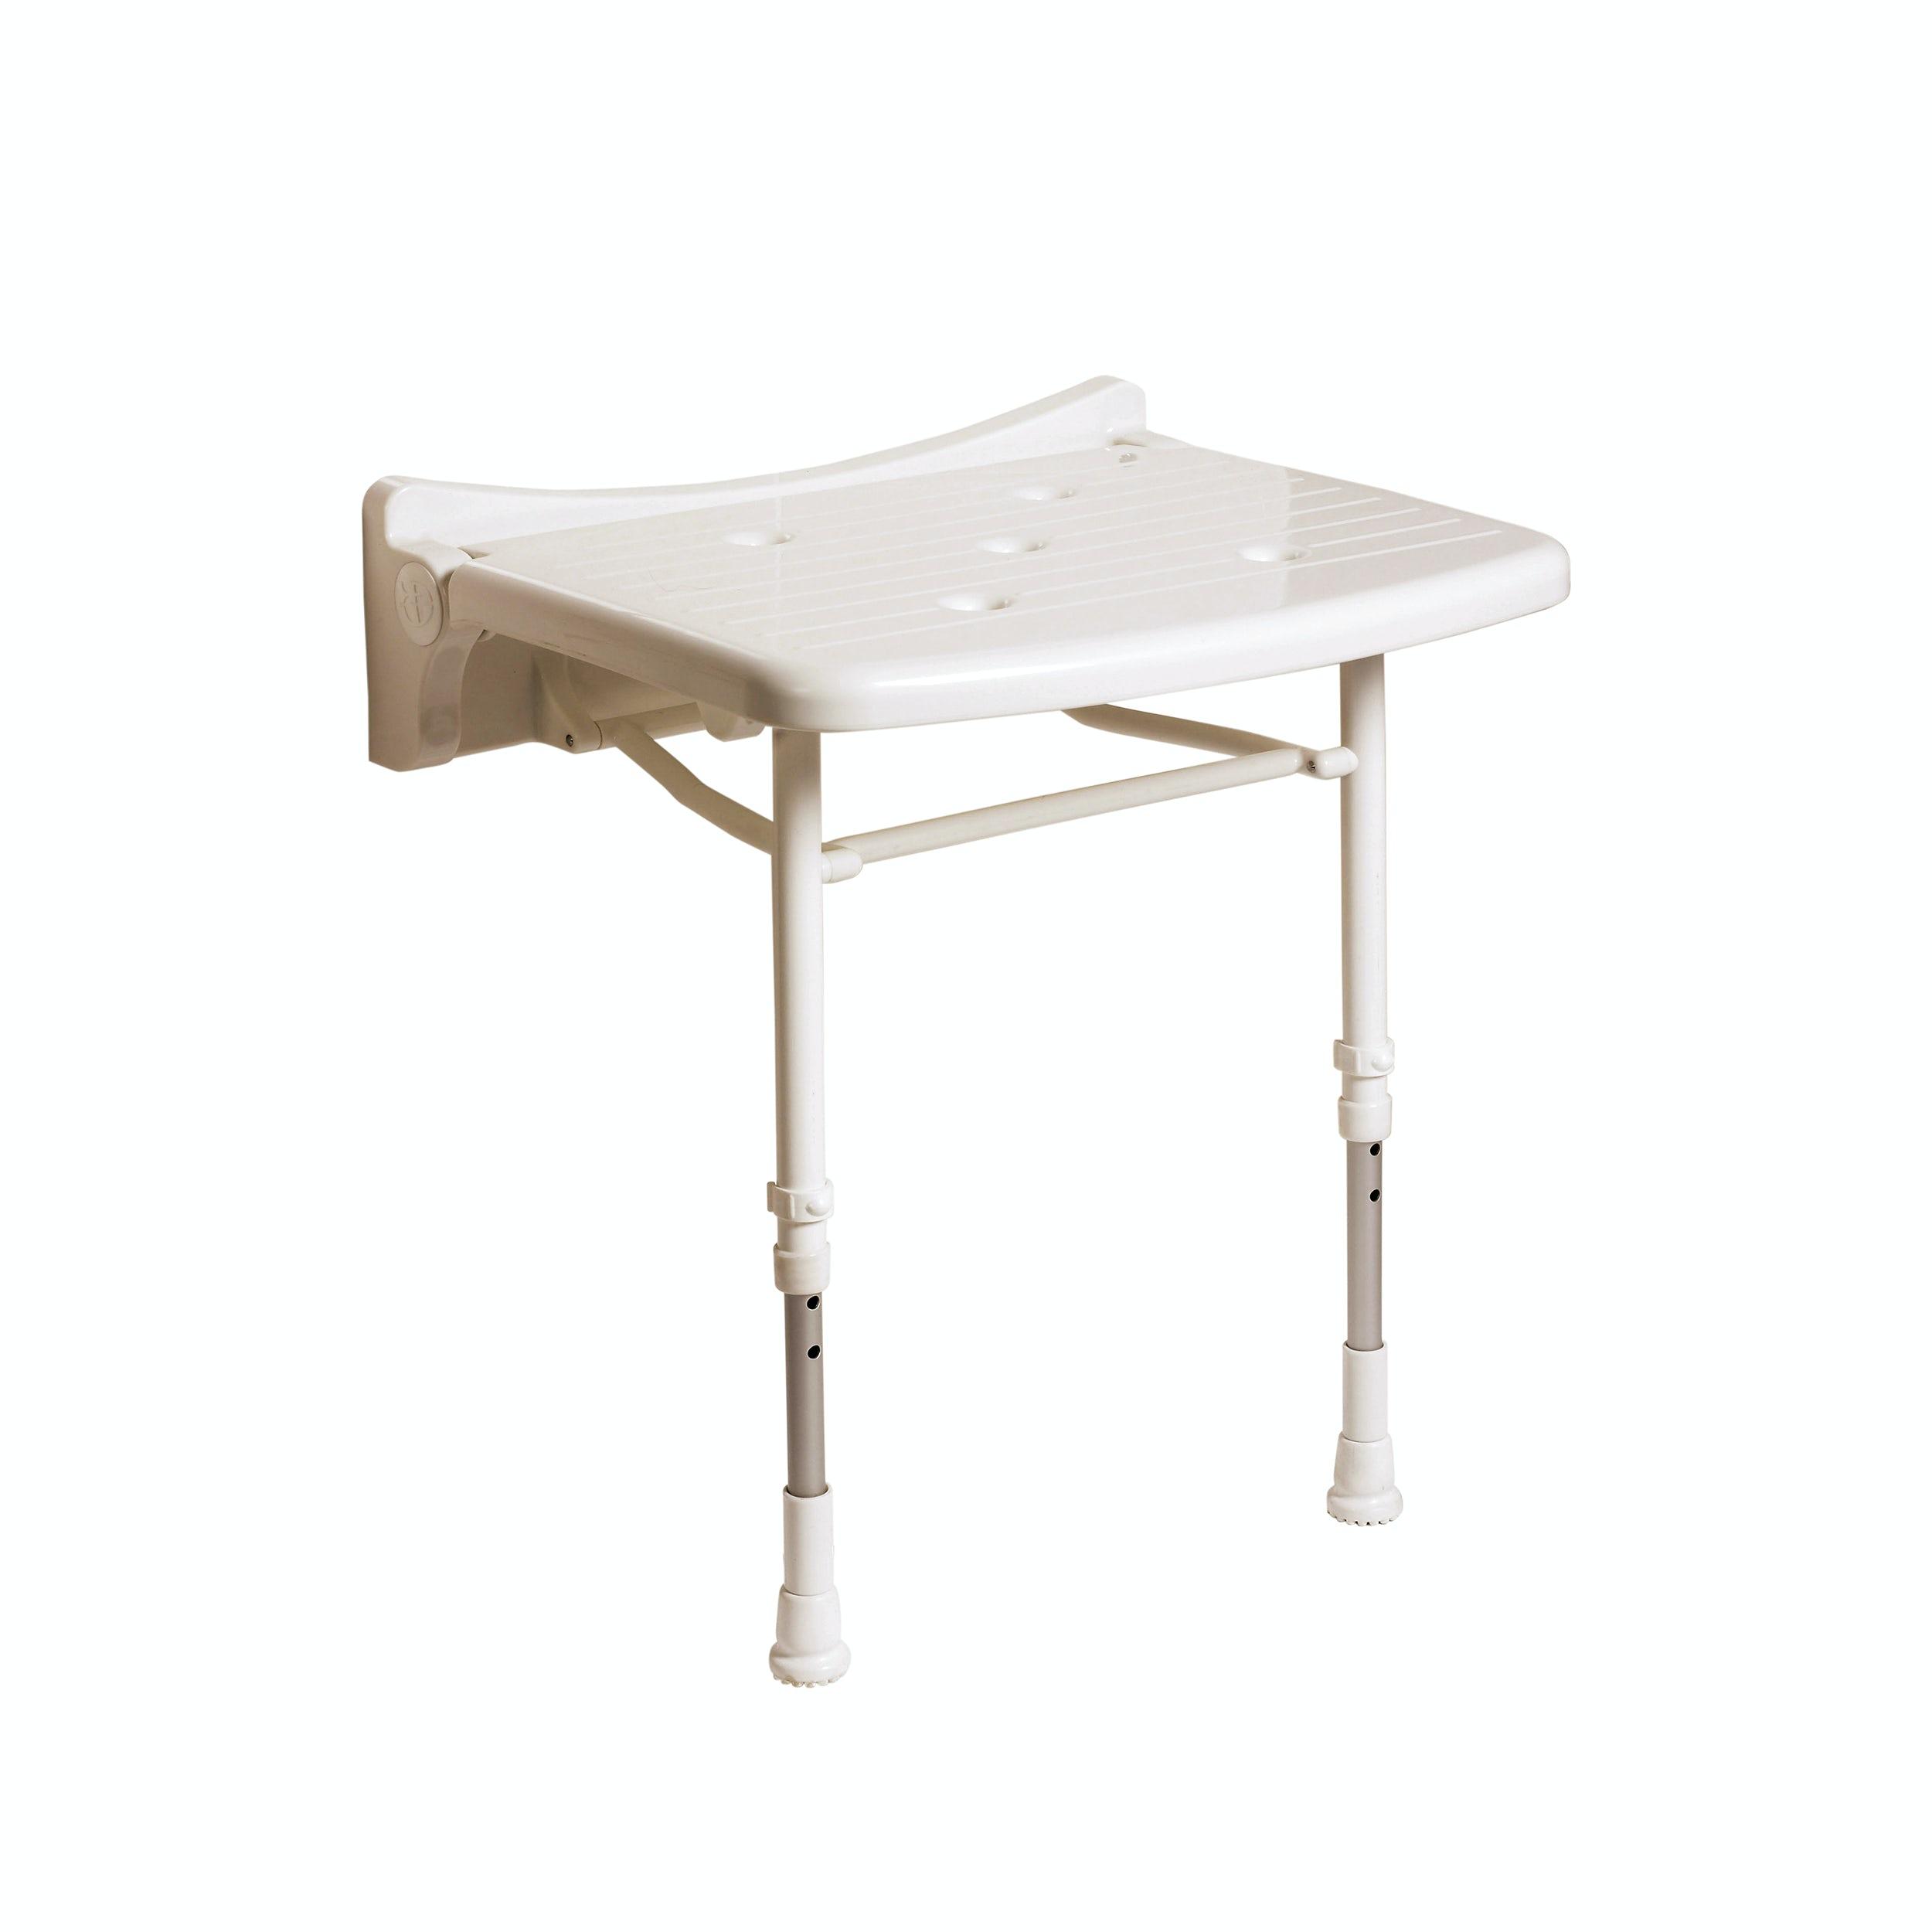 AKW 2000 series folding shower seat